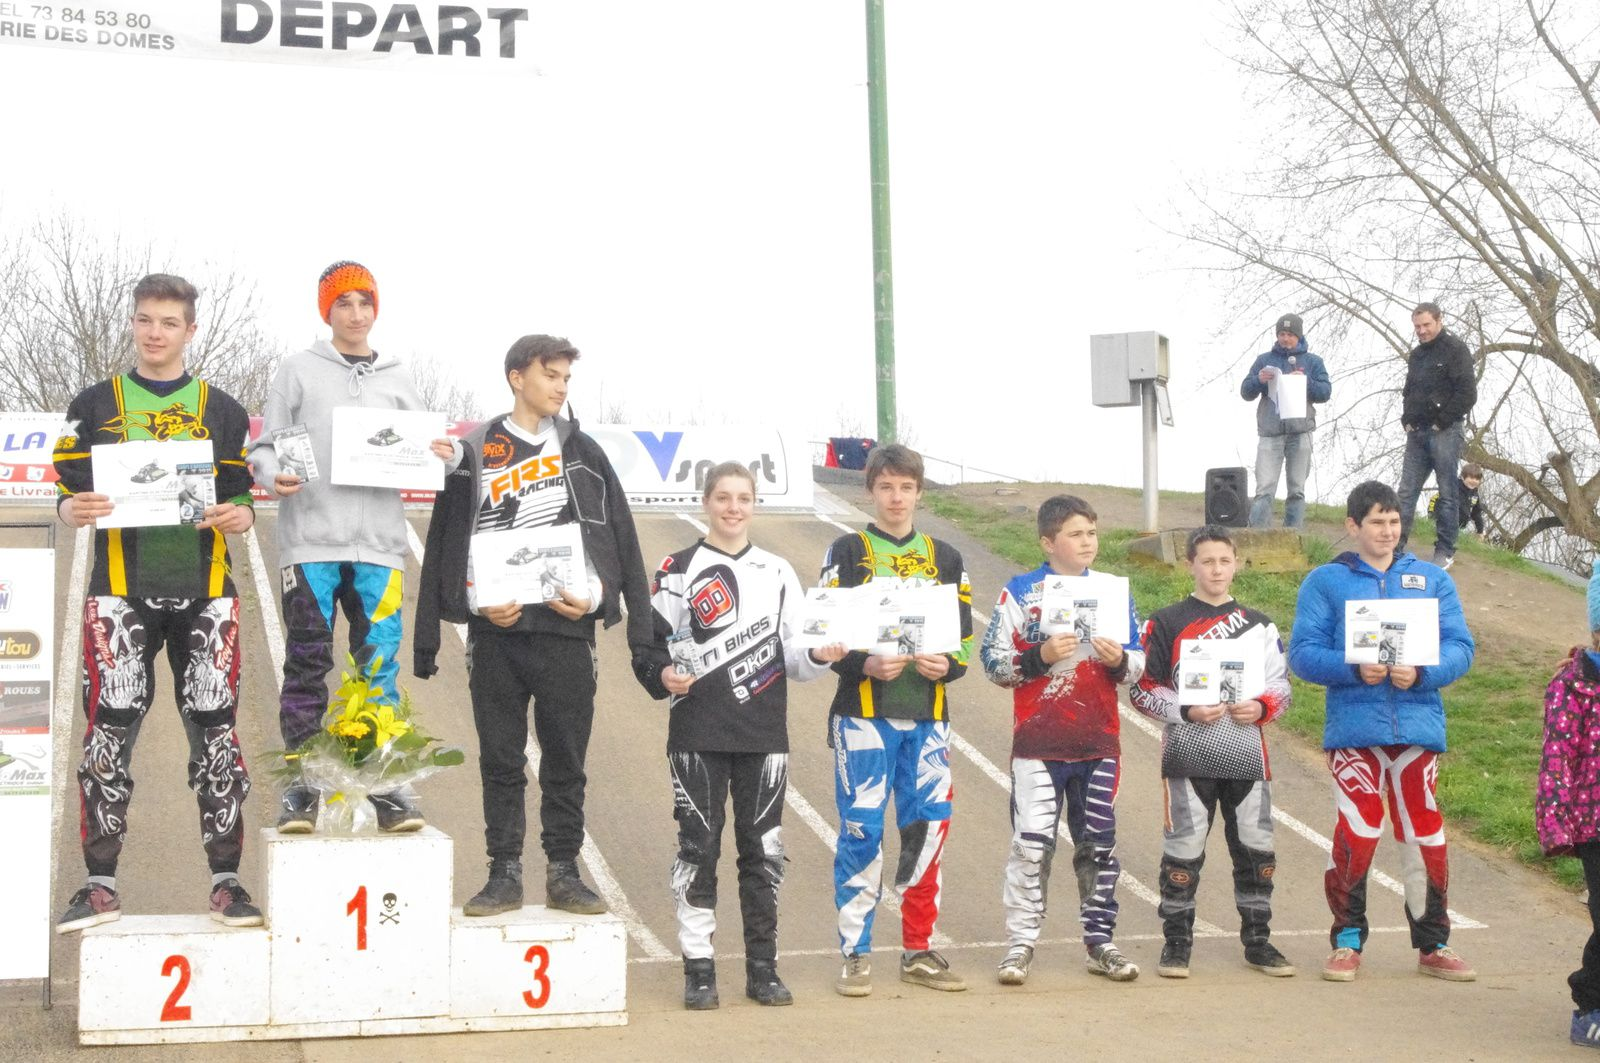 Résultats de la première manche de la Coupe d'Auvergne à Cournon, 22 mars